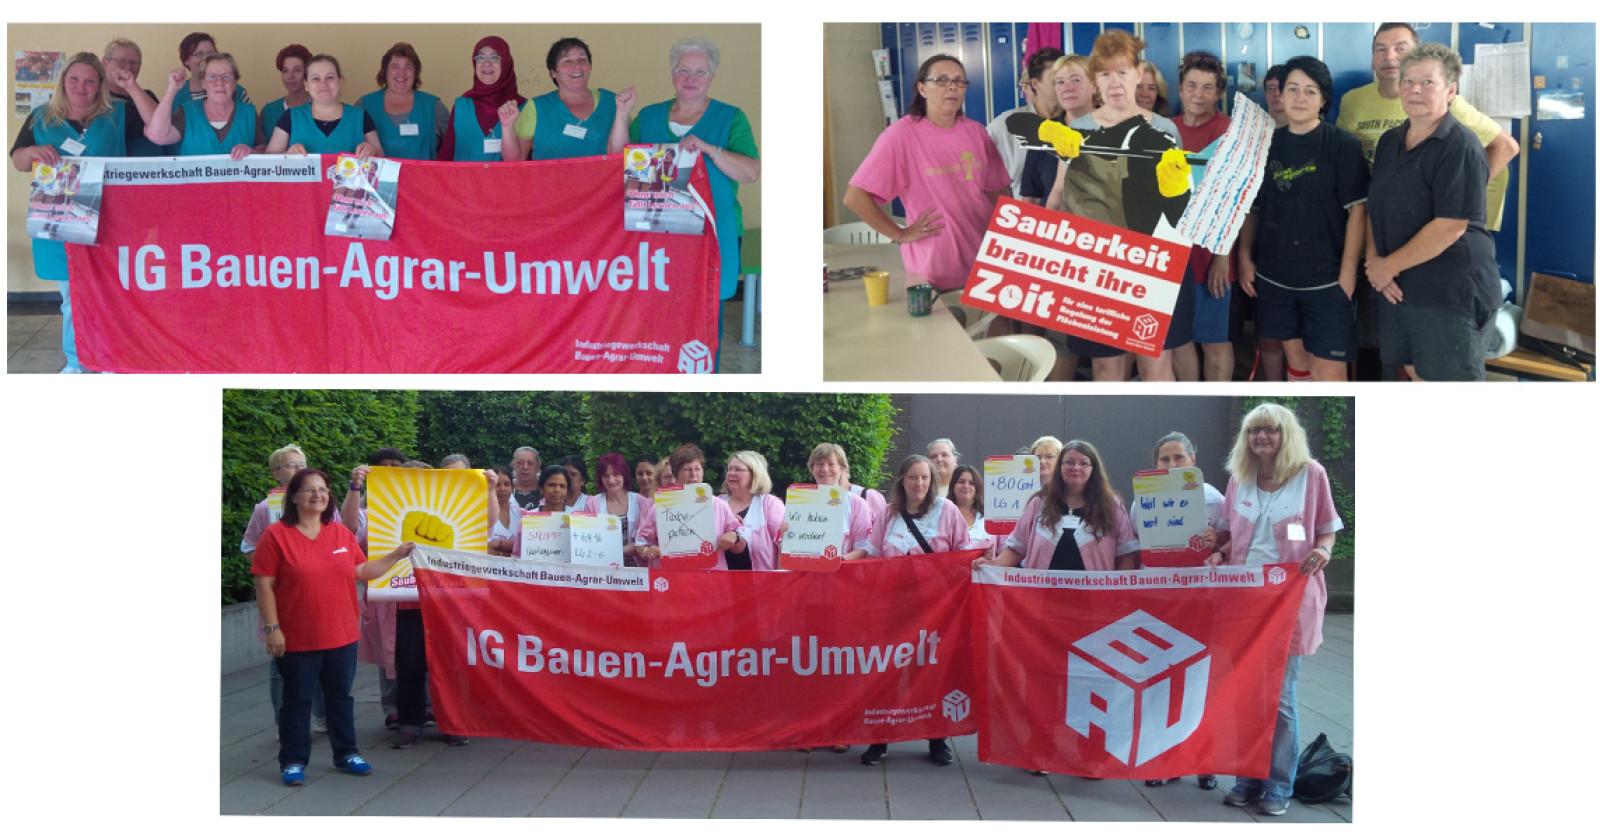 """Kolleginnen & Kollegen in Duisburg: """"Damit sich unsere Kunden wohlfühlen, brauchen wir mehr Zeit"""""""